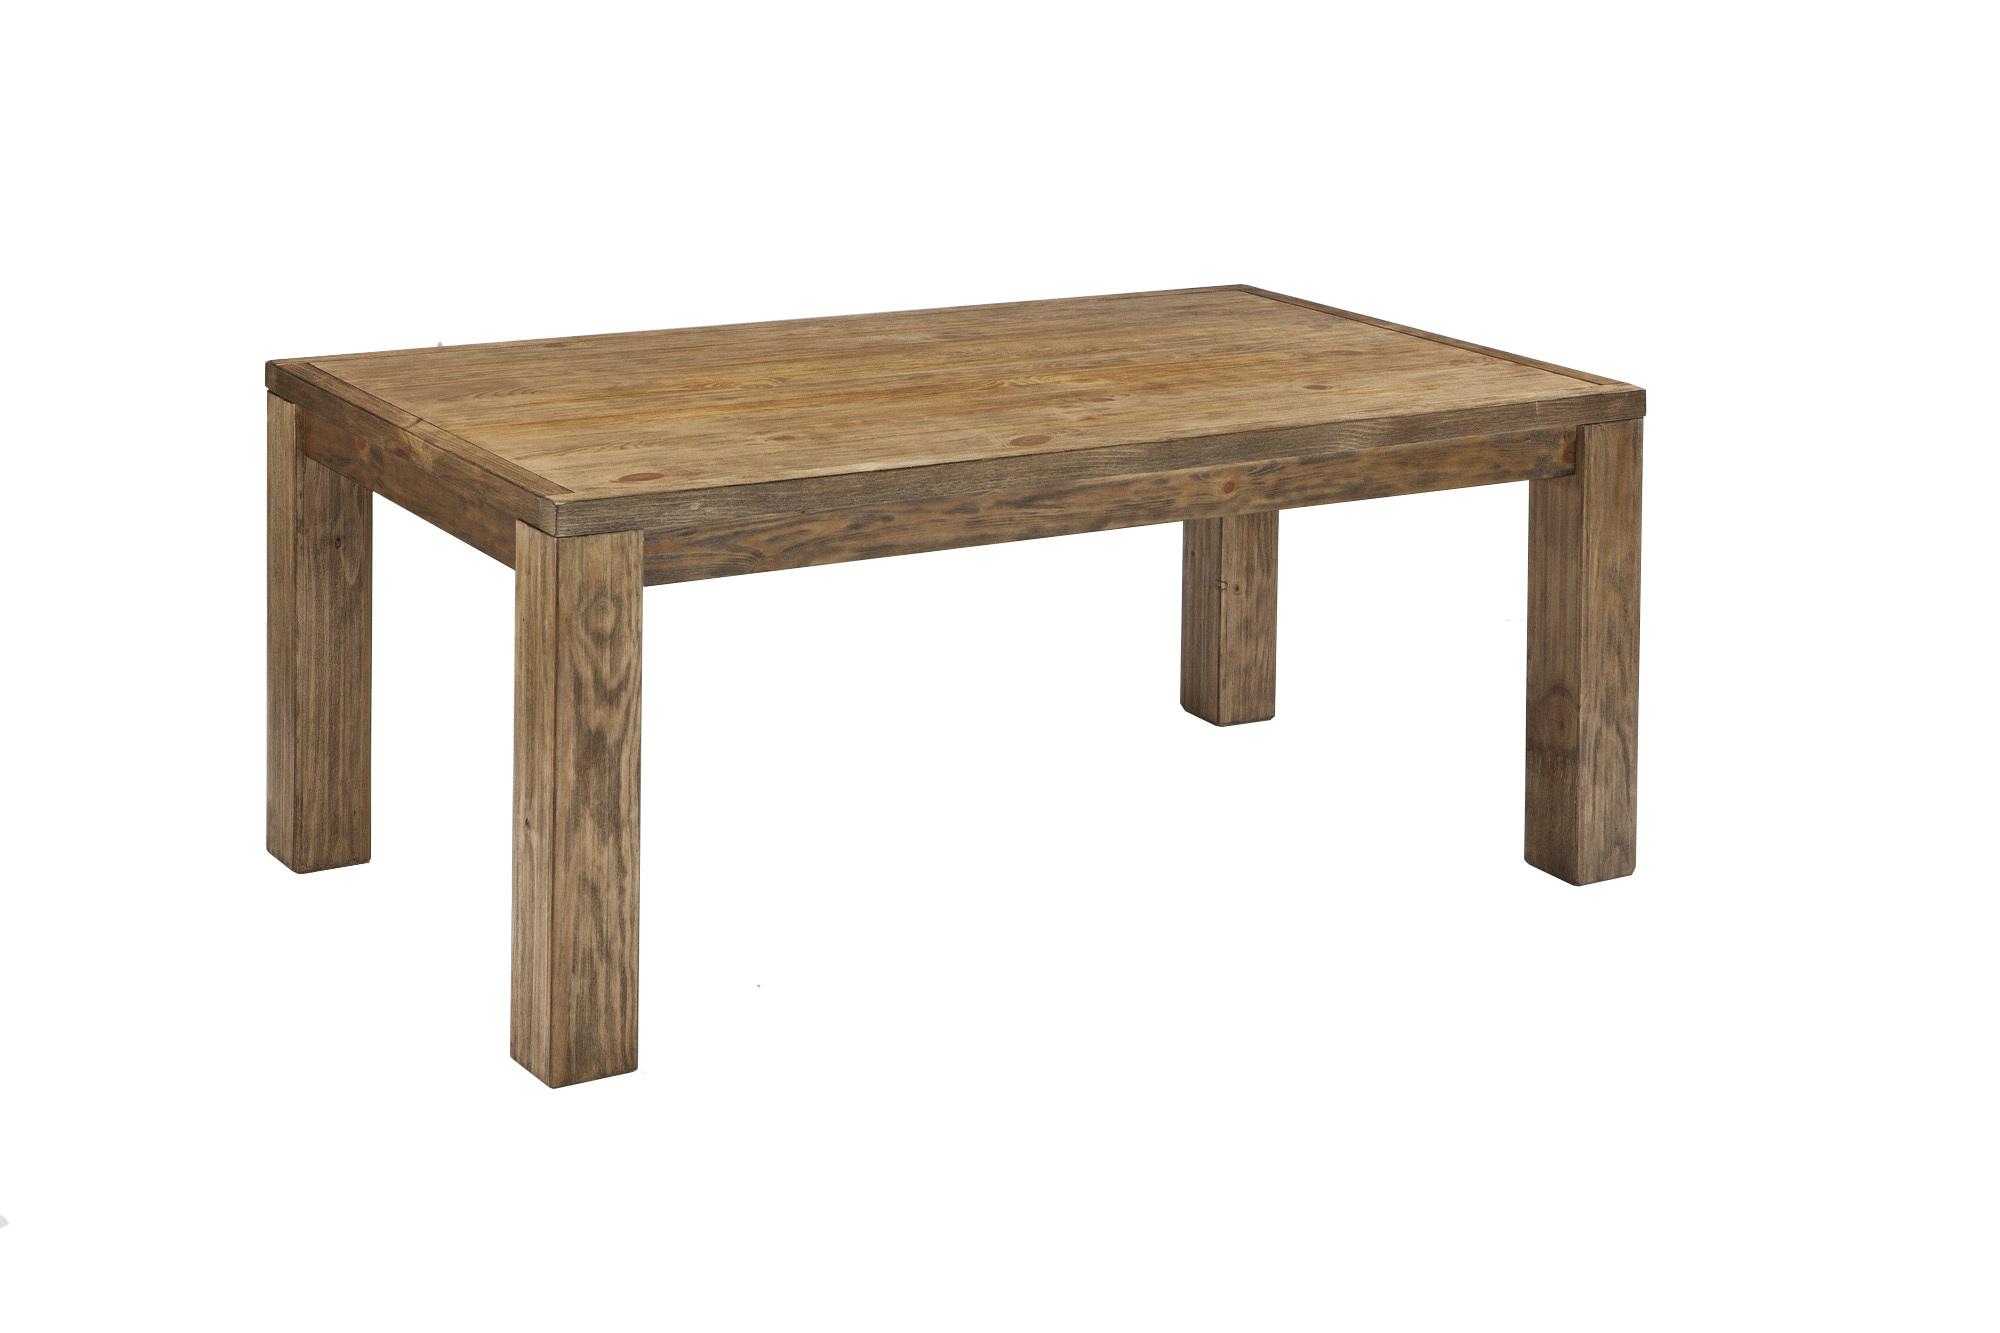 Стол обеденныйОбеденные столы<br><br><br>Material: Дерево<br>Width см: 173<br>Depth см: 103<br>Height см: 78